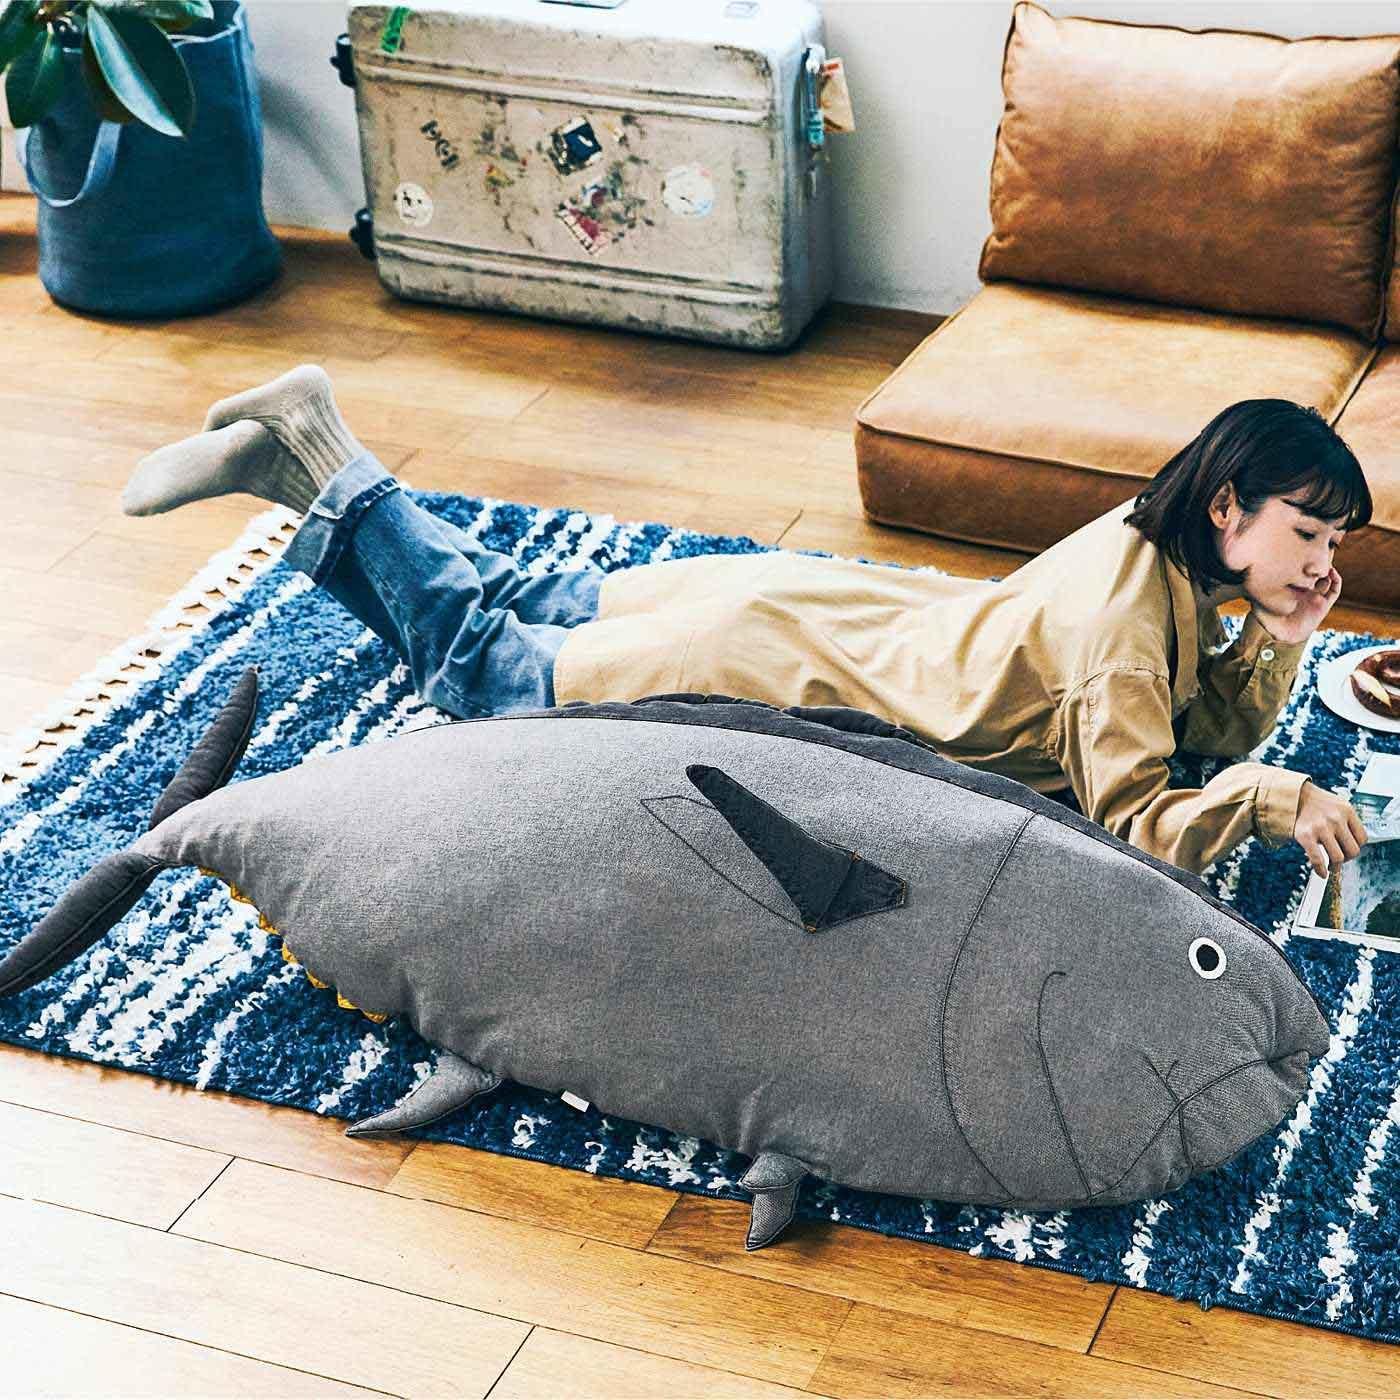 近畿大学水産研究所監修 成長3年目サイズ! デニムで作った近大マグロの布団収納クッションカバー〈オス・ディープシーブラック〉